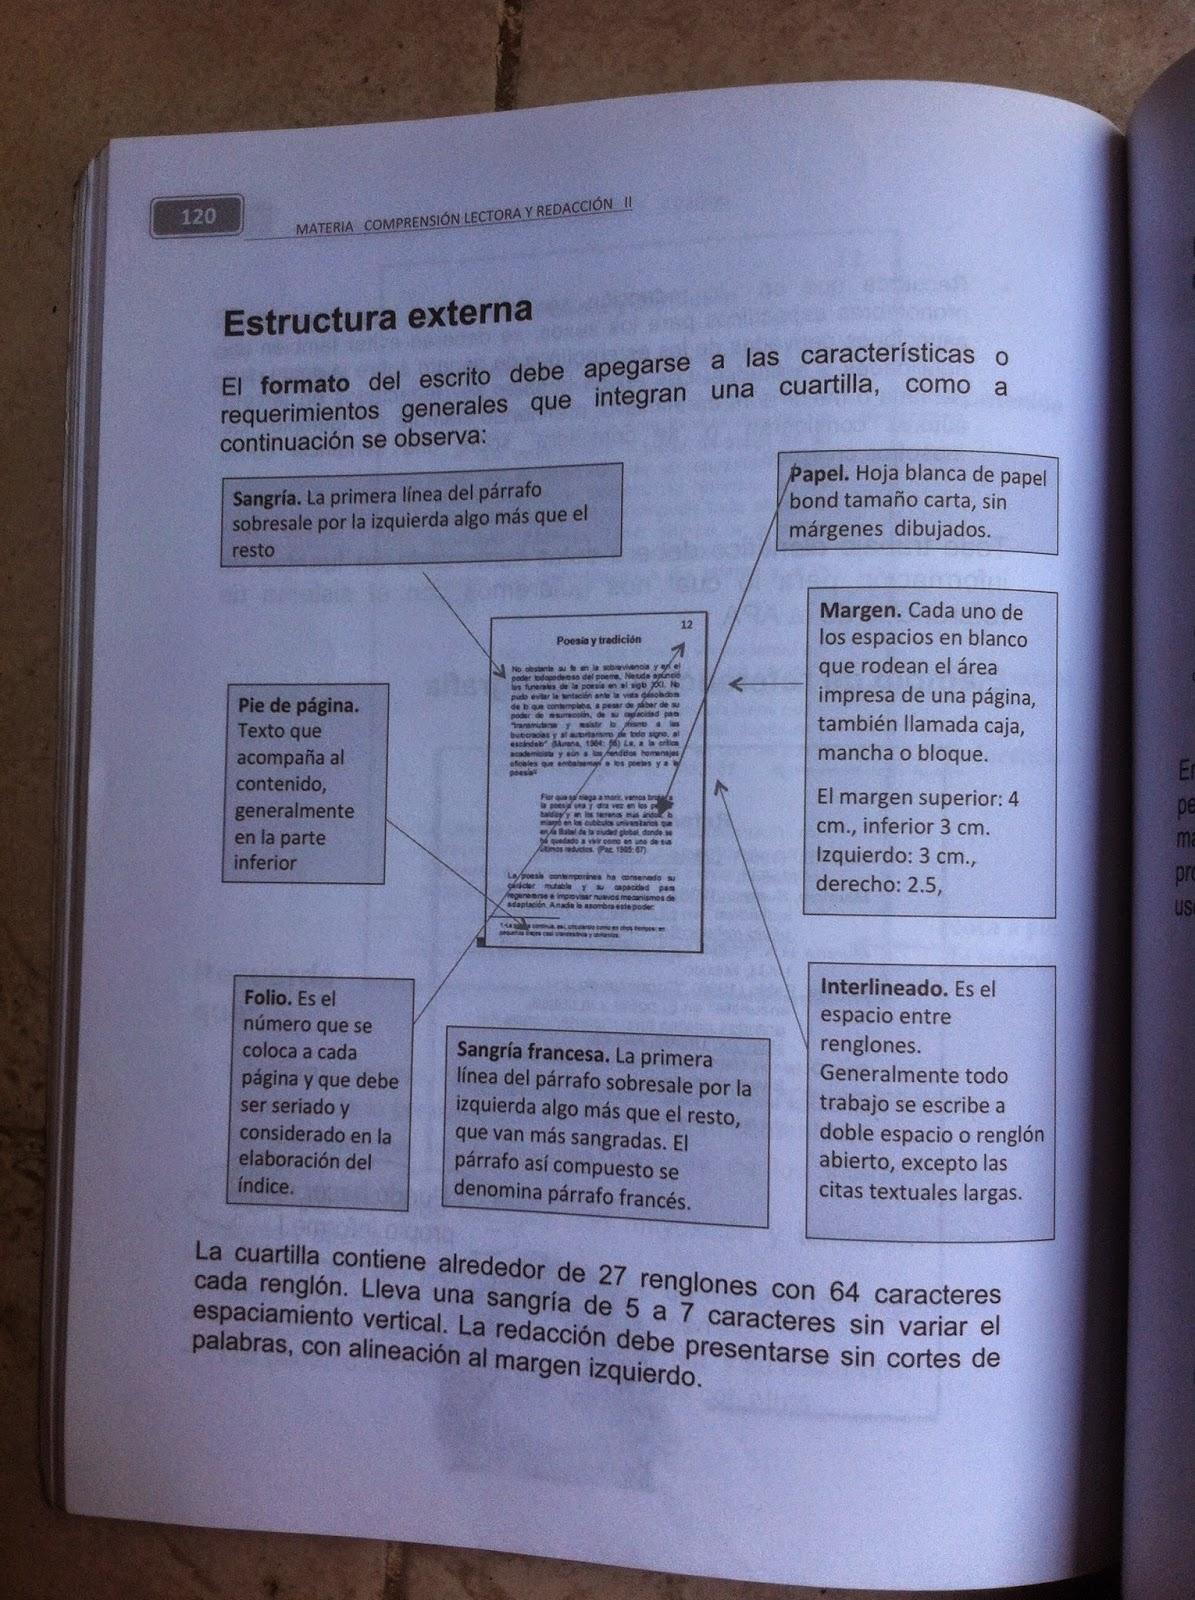 Comprensión Lectora Y Redacción Ii 2 1 4 Redacción Del